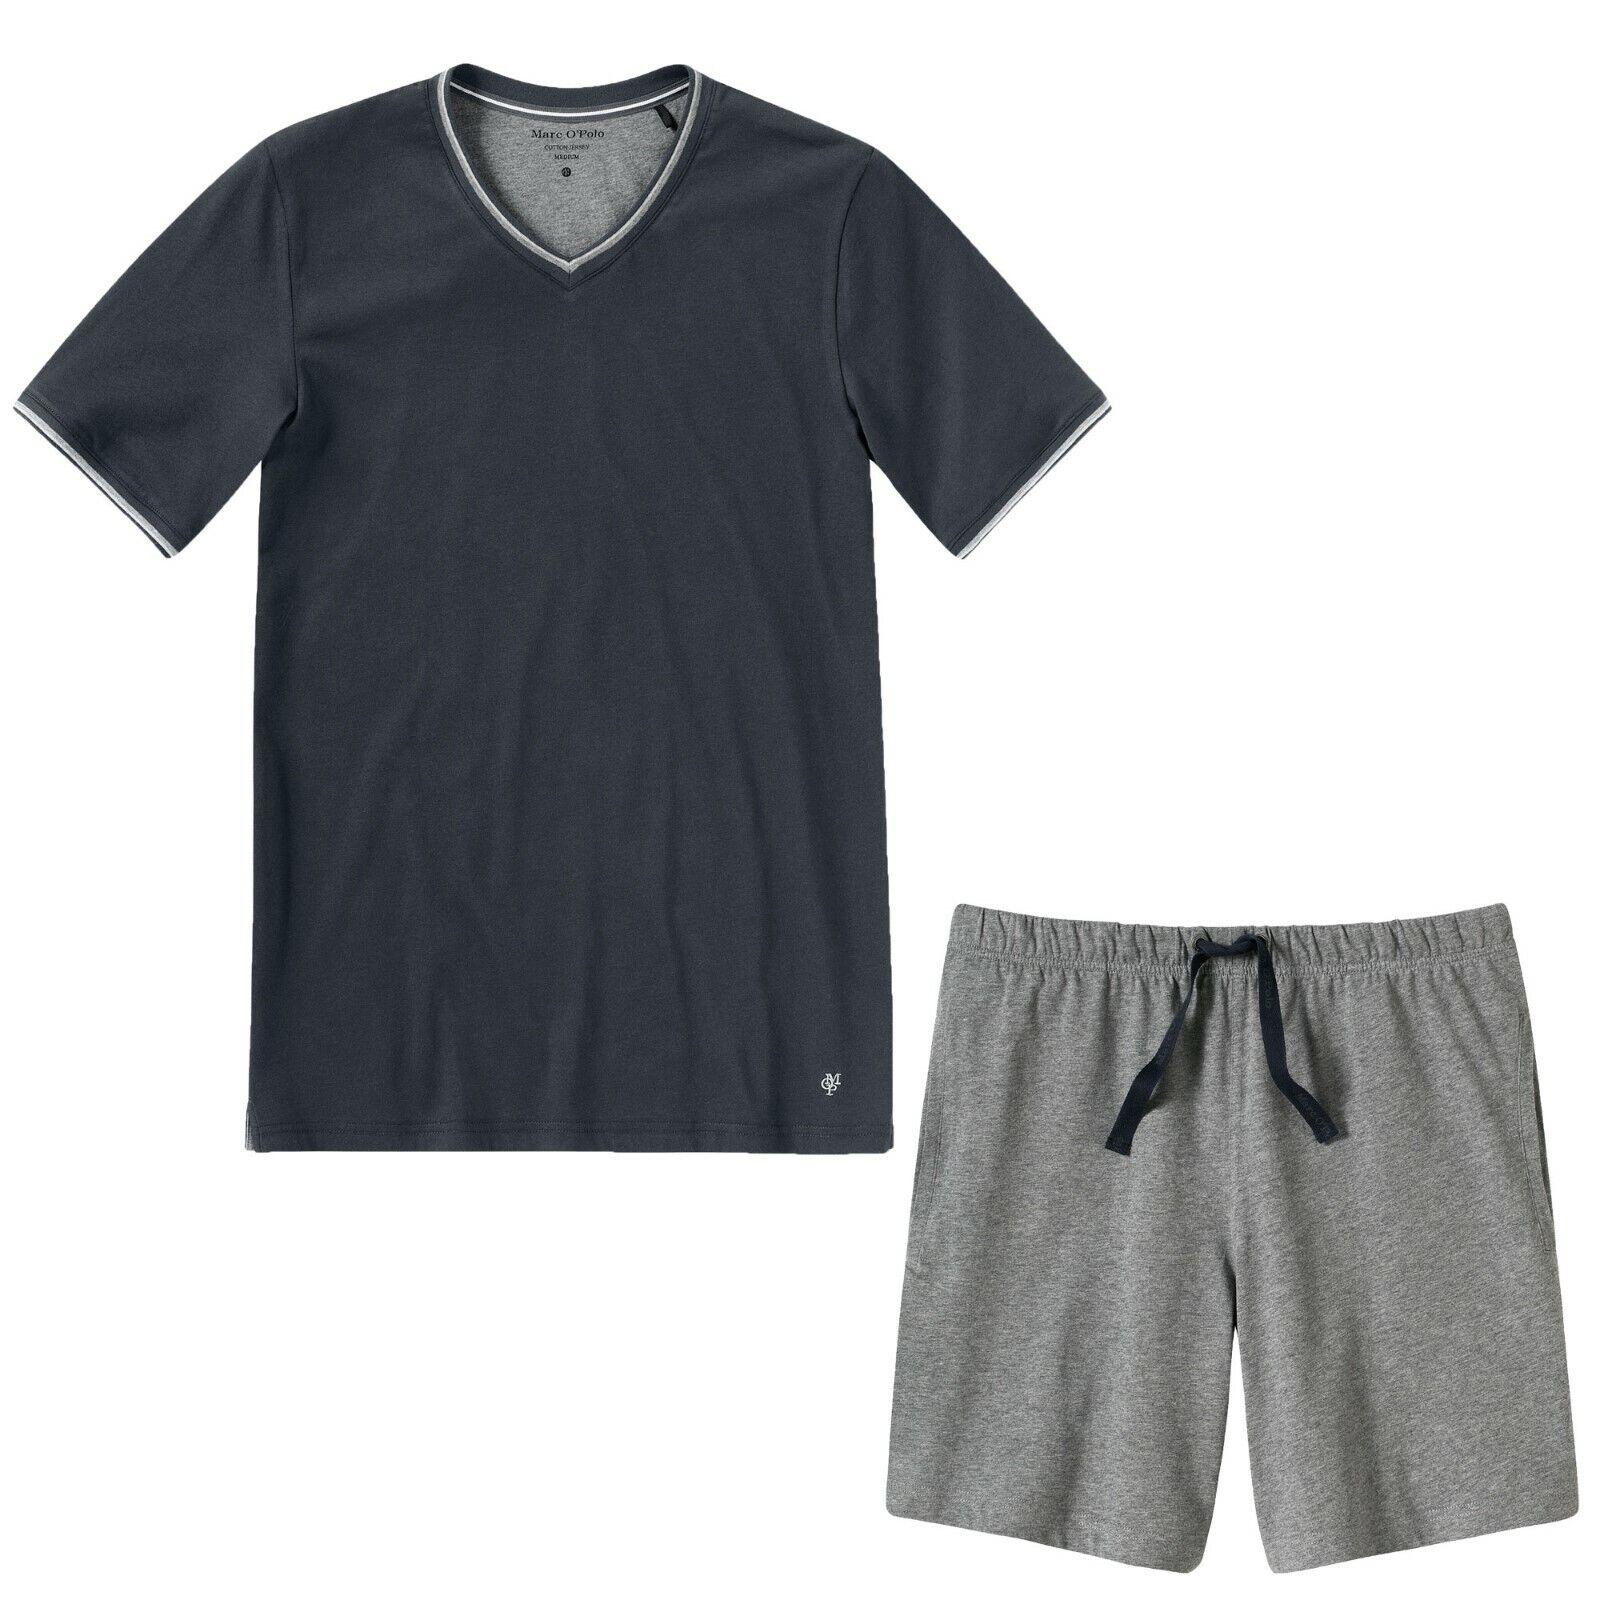 0df892a4ad Unterwäsche Herren Pyjama Set Schlafanzug Nachtwäsche kurz Grau, Herren  Schlafanzug von Marc O`Polo, kurz, Pyjama, Shorty, V-